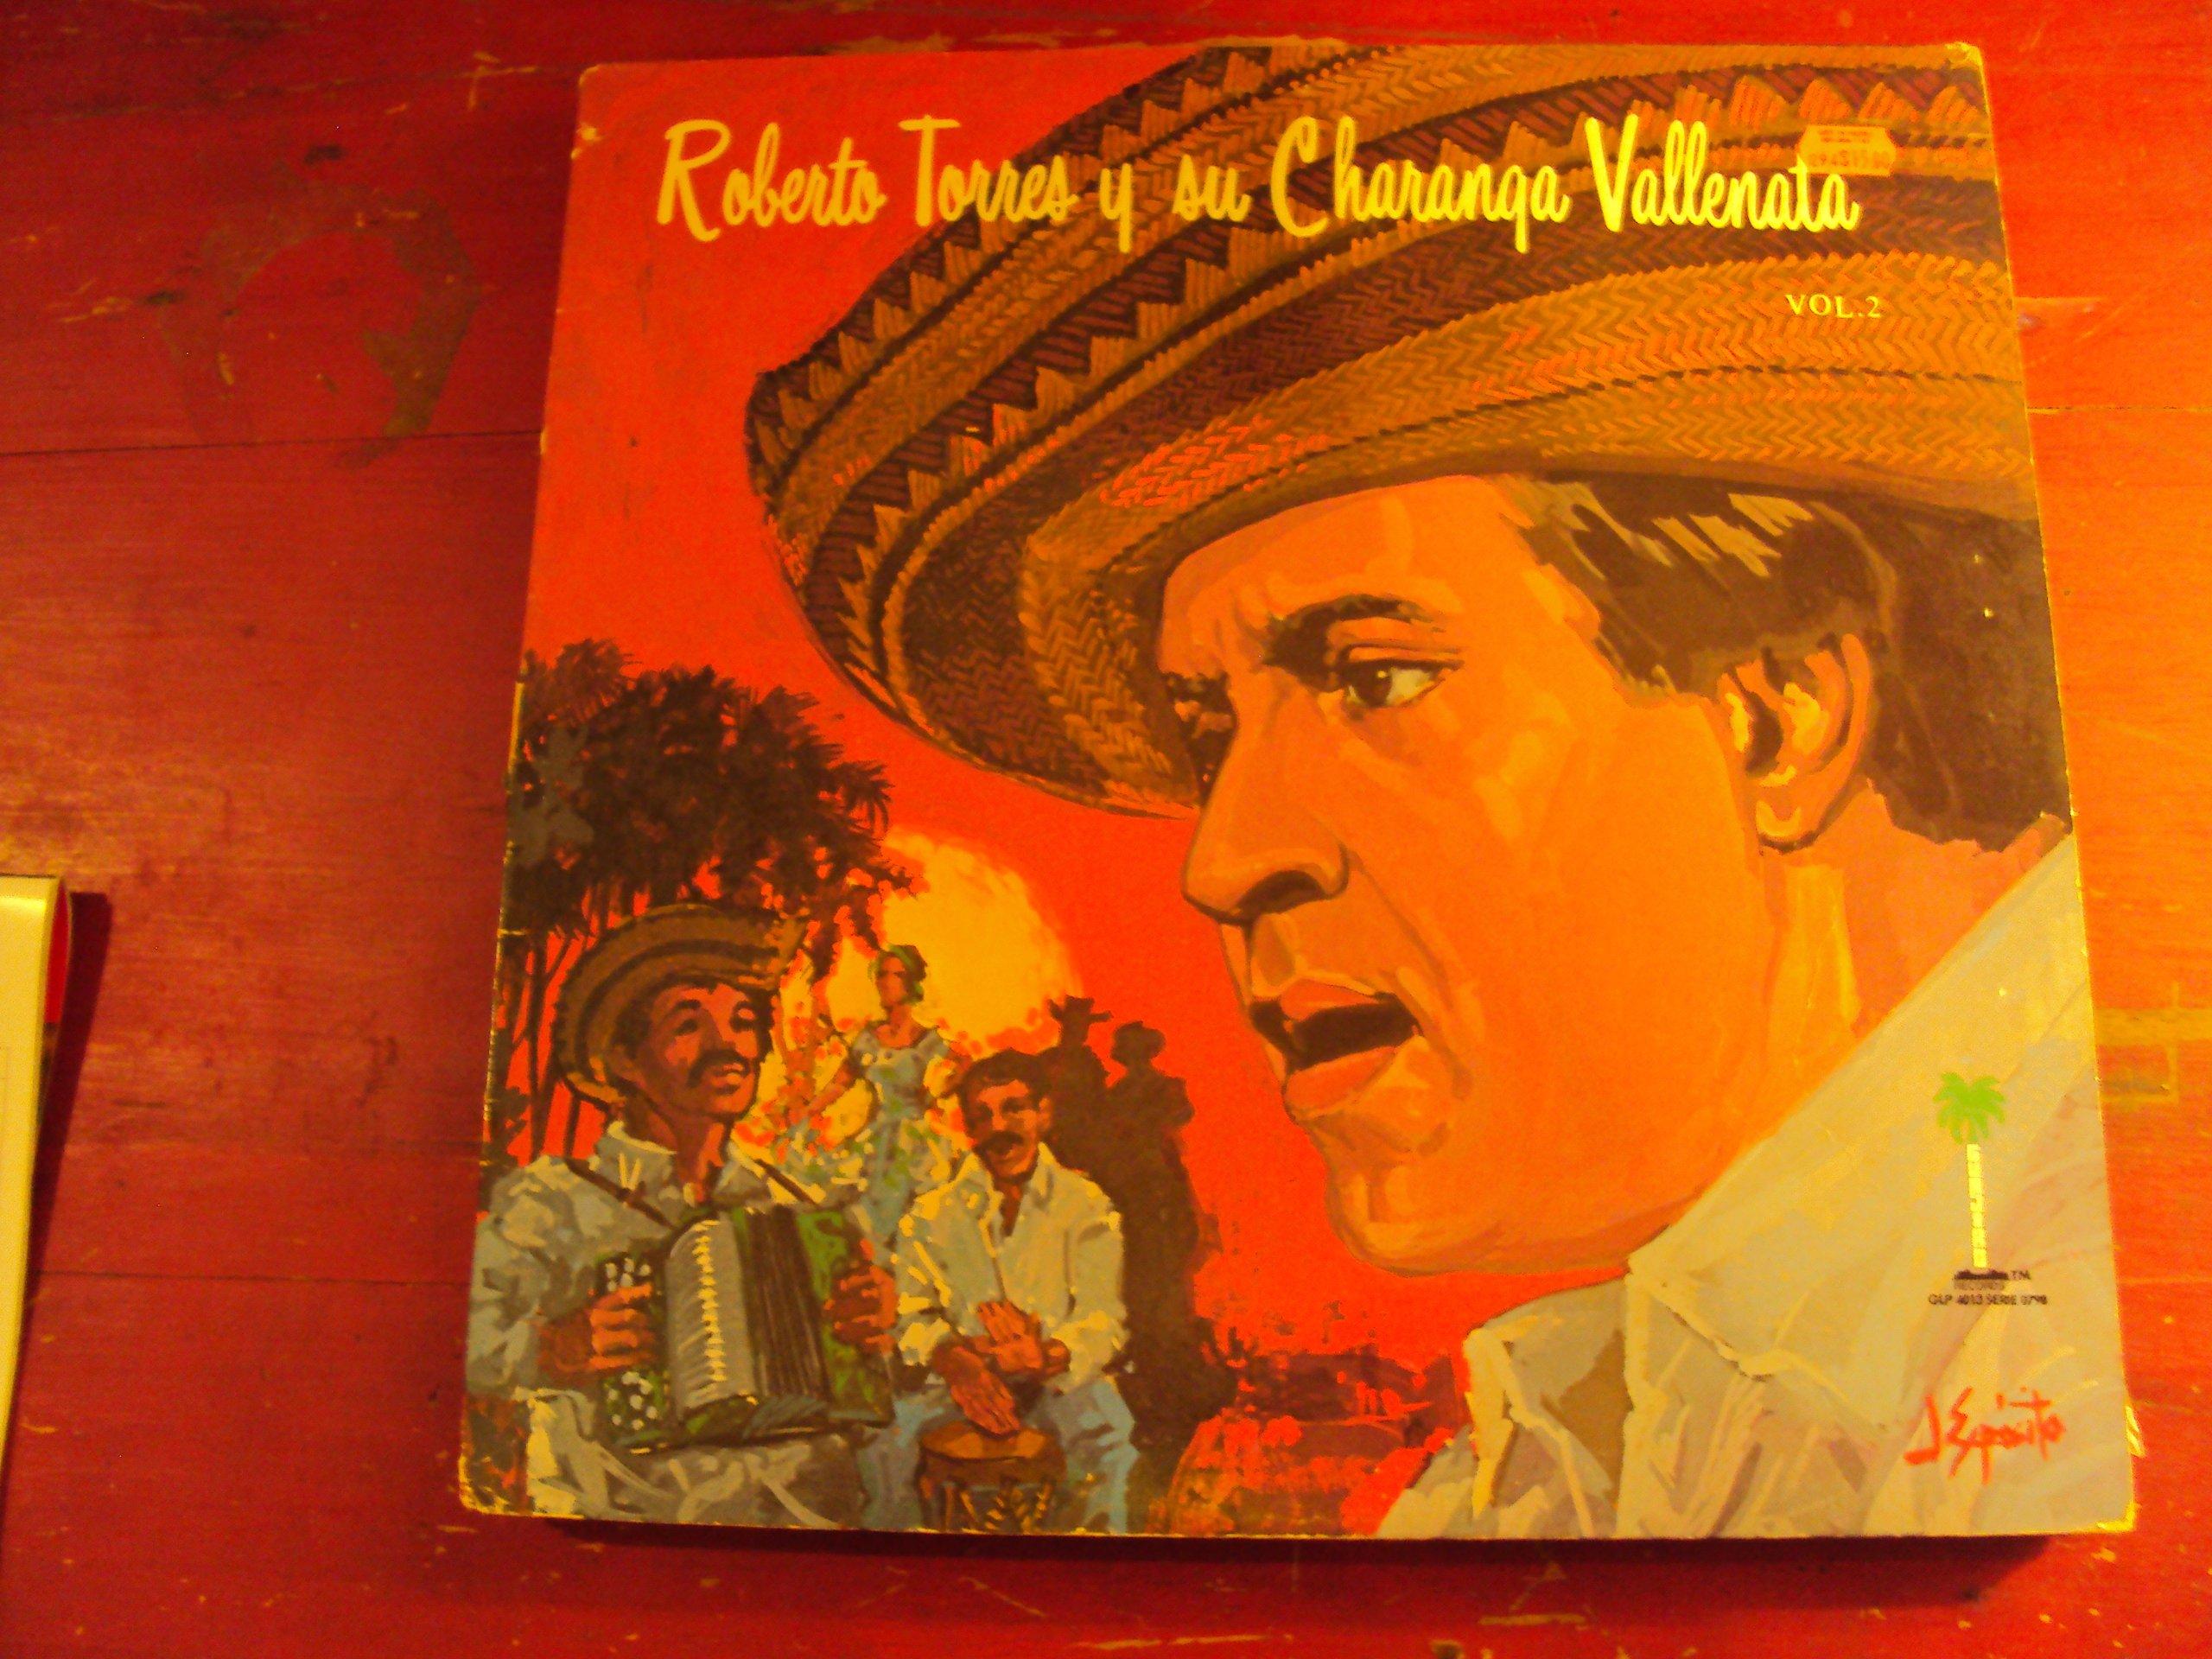 Roberto Torres Y Su Charanga Vallenata, Vol. 2 by Guajiro Records